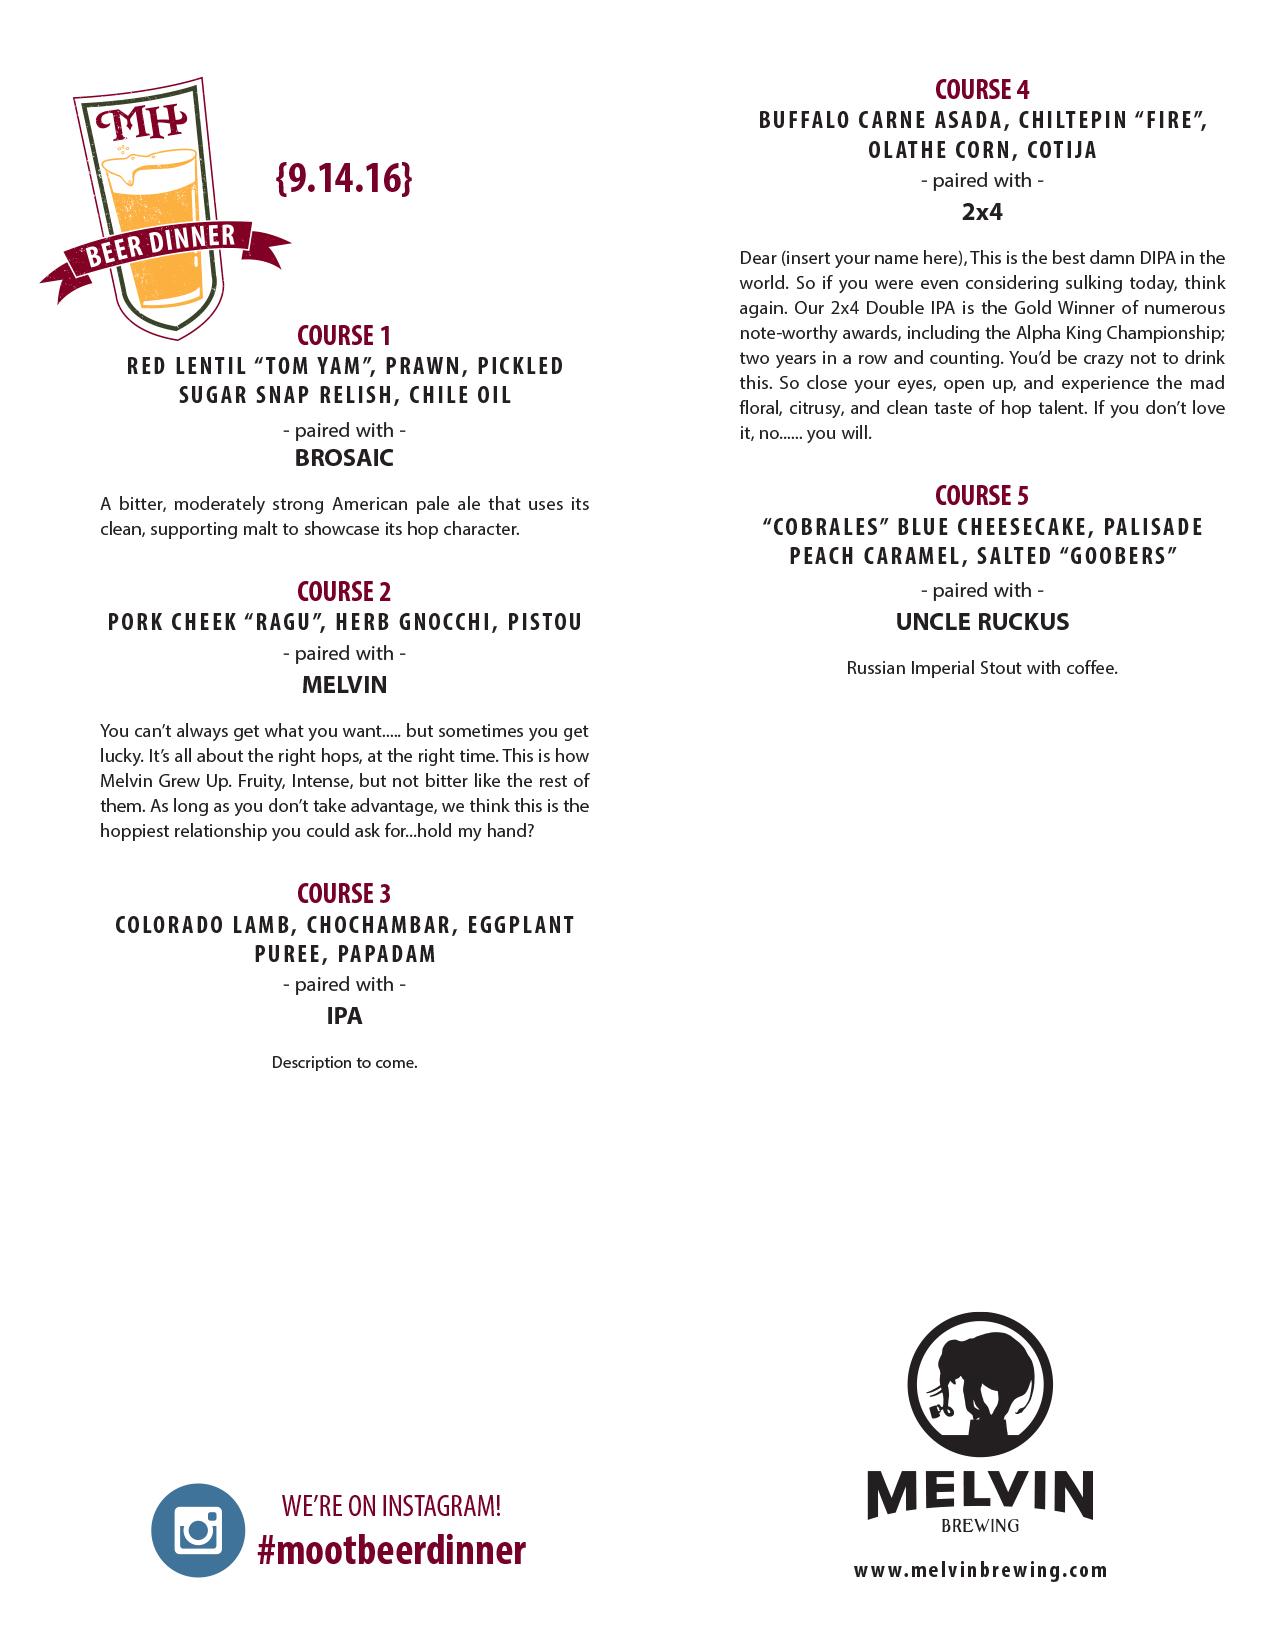 melvin menu